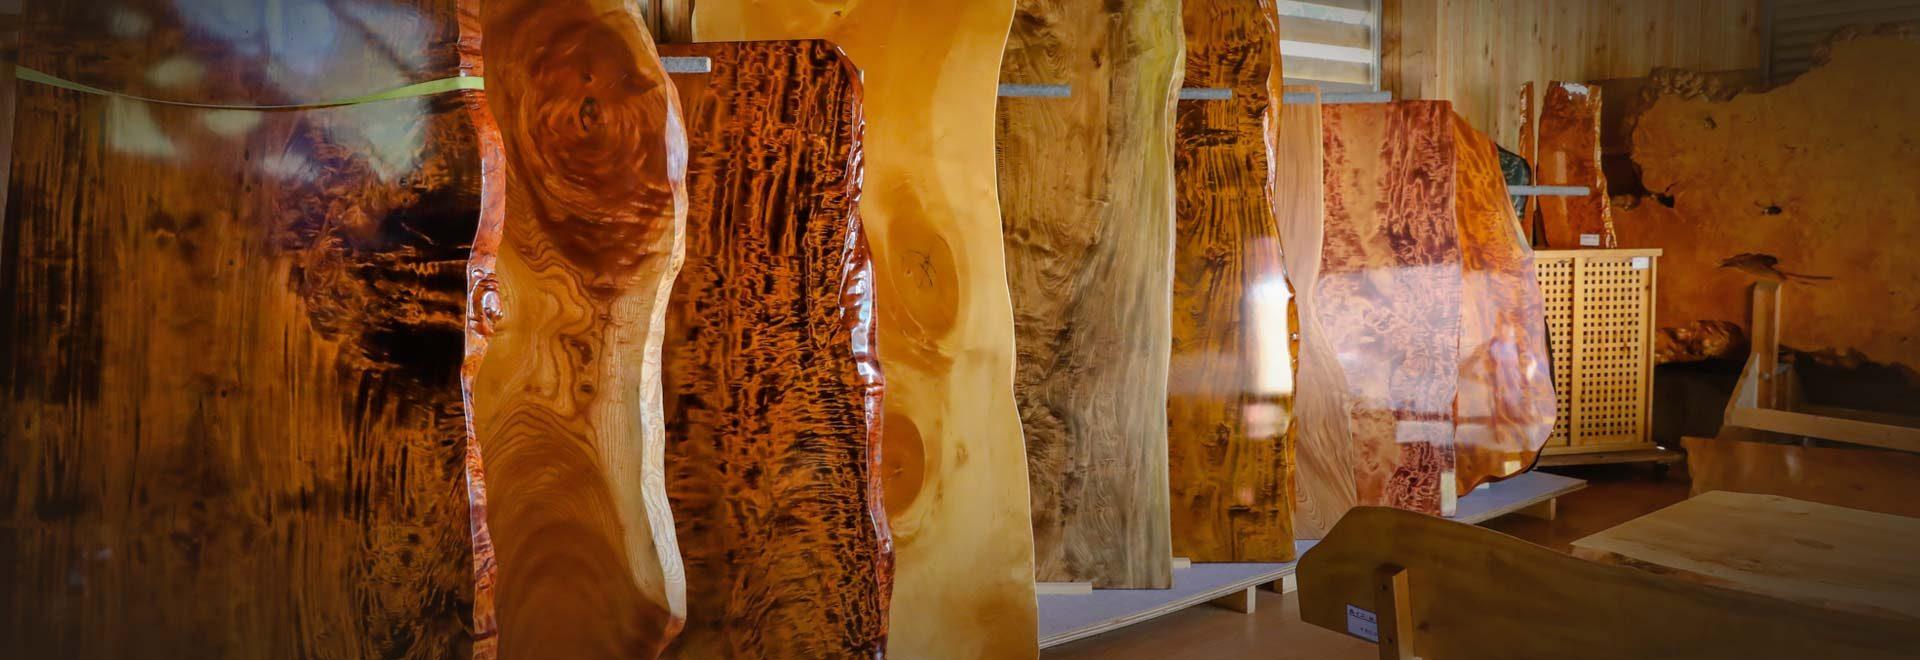 自然木(本物無垢)を素材とした、栃輪切りテーブルや家具・こね鉢等の木工品が所狭しと並んでいます。